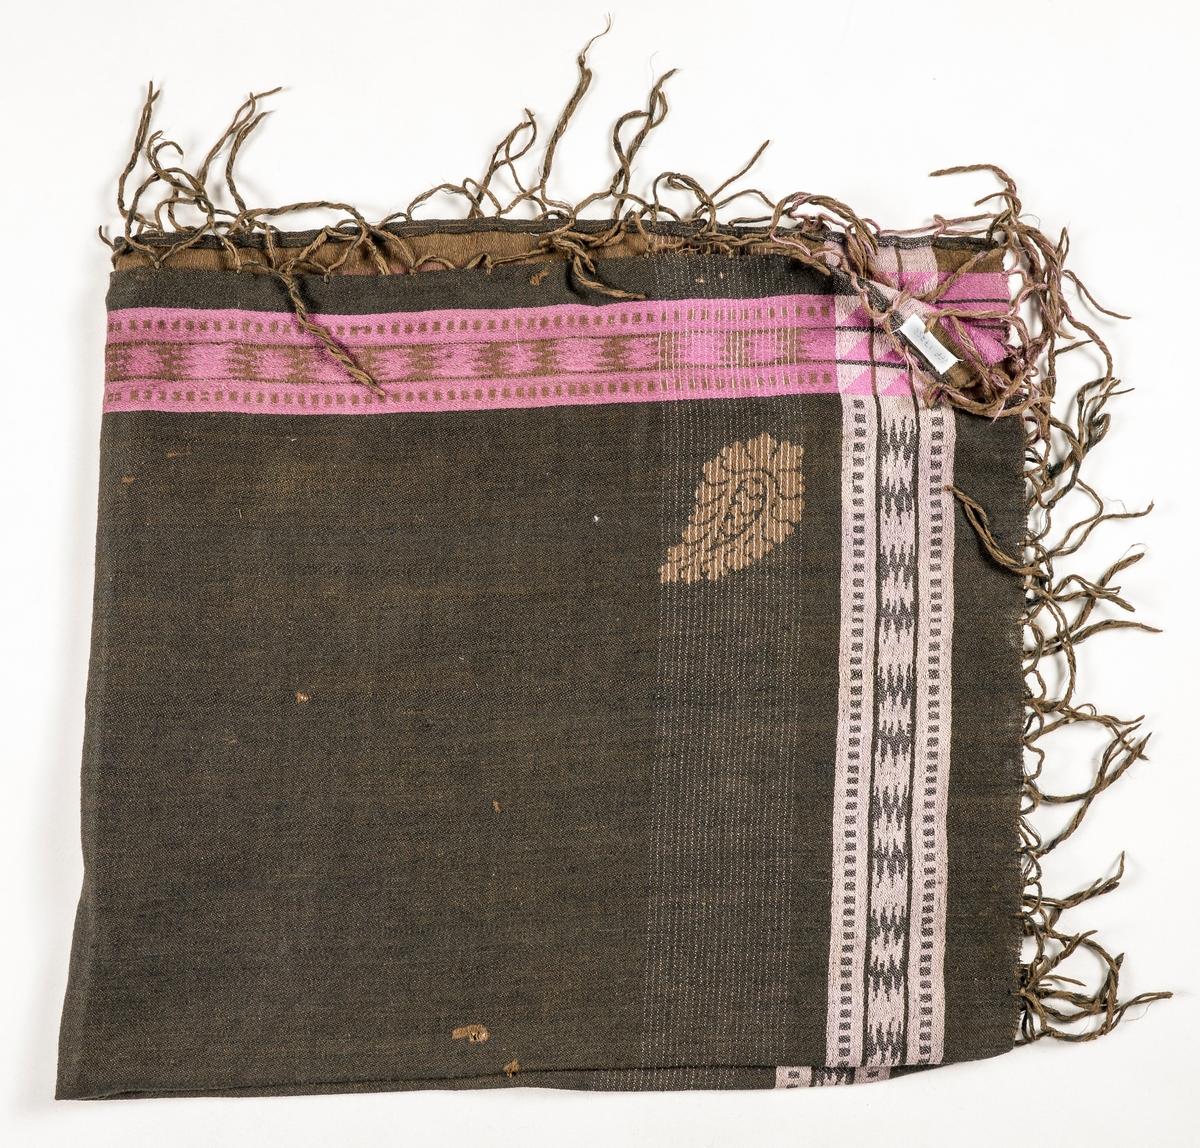 Tørkle i bruntsvart damask med mønsterbordar langs sidene i lilla, rosa og fiolett. Bomull i renning og ull i innslag. Falda (tråkla) på to sider, jarekant i dei to andre. Påsydde og knytta frynser i brunt, rosa.